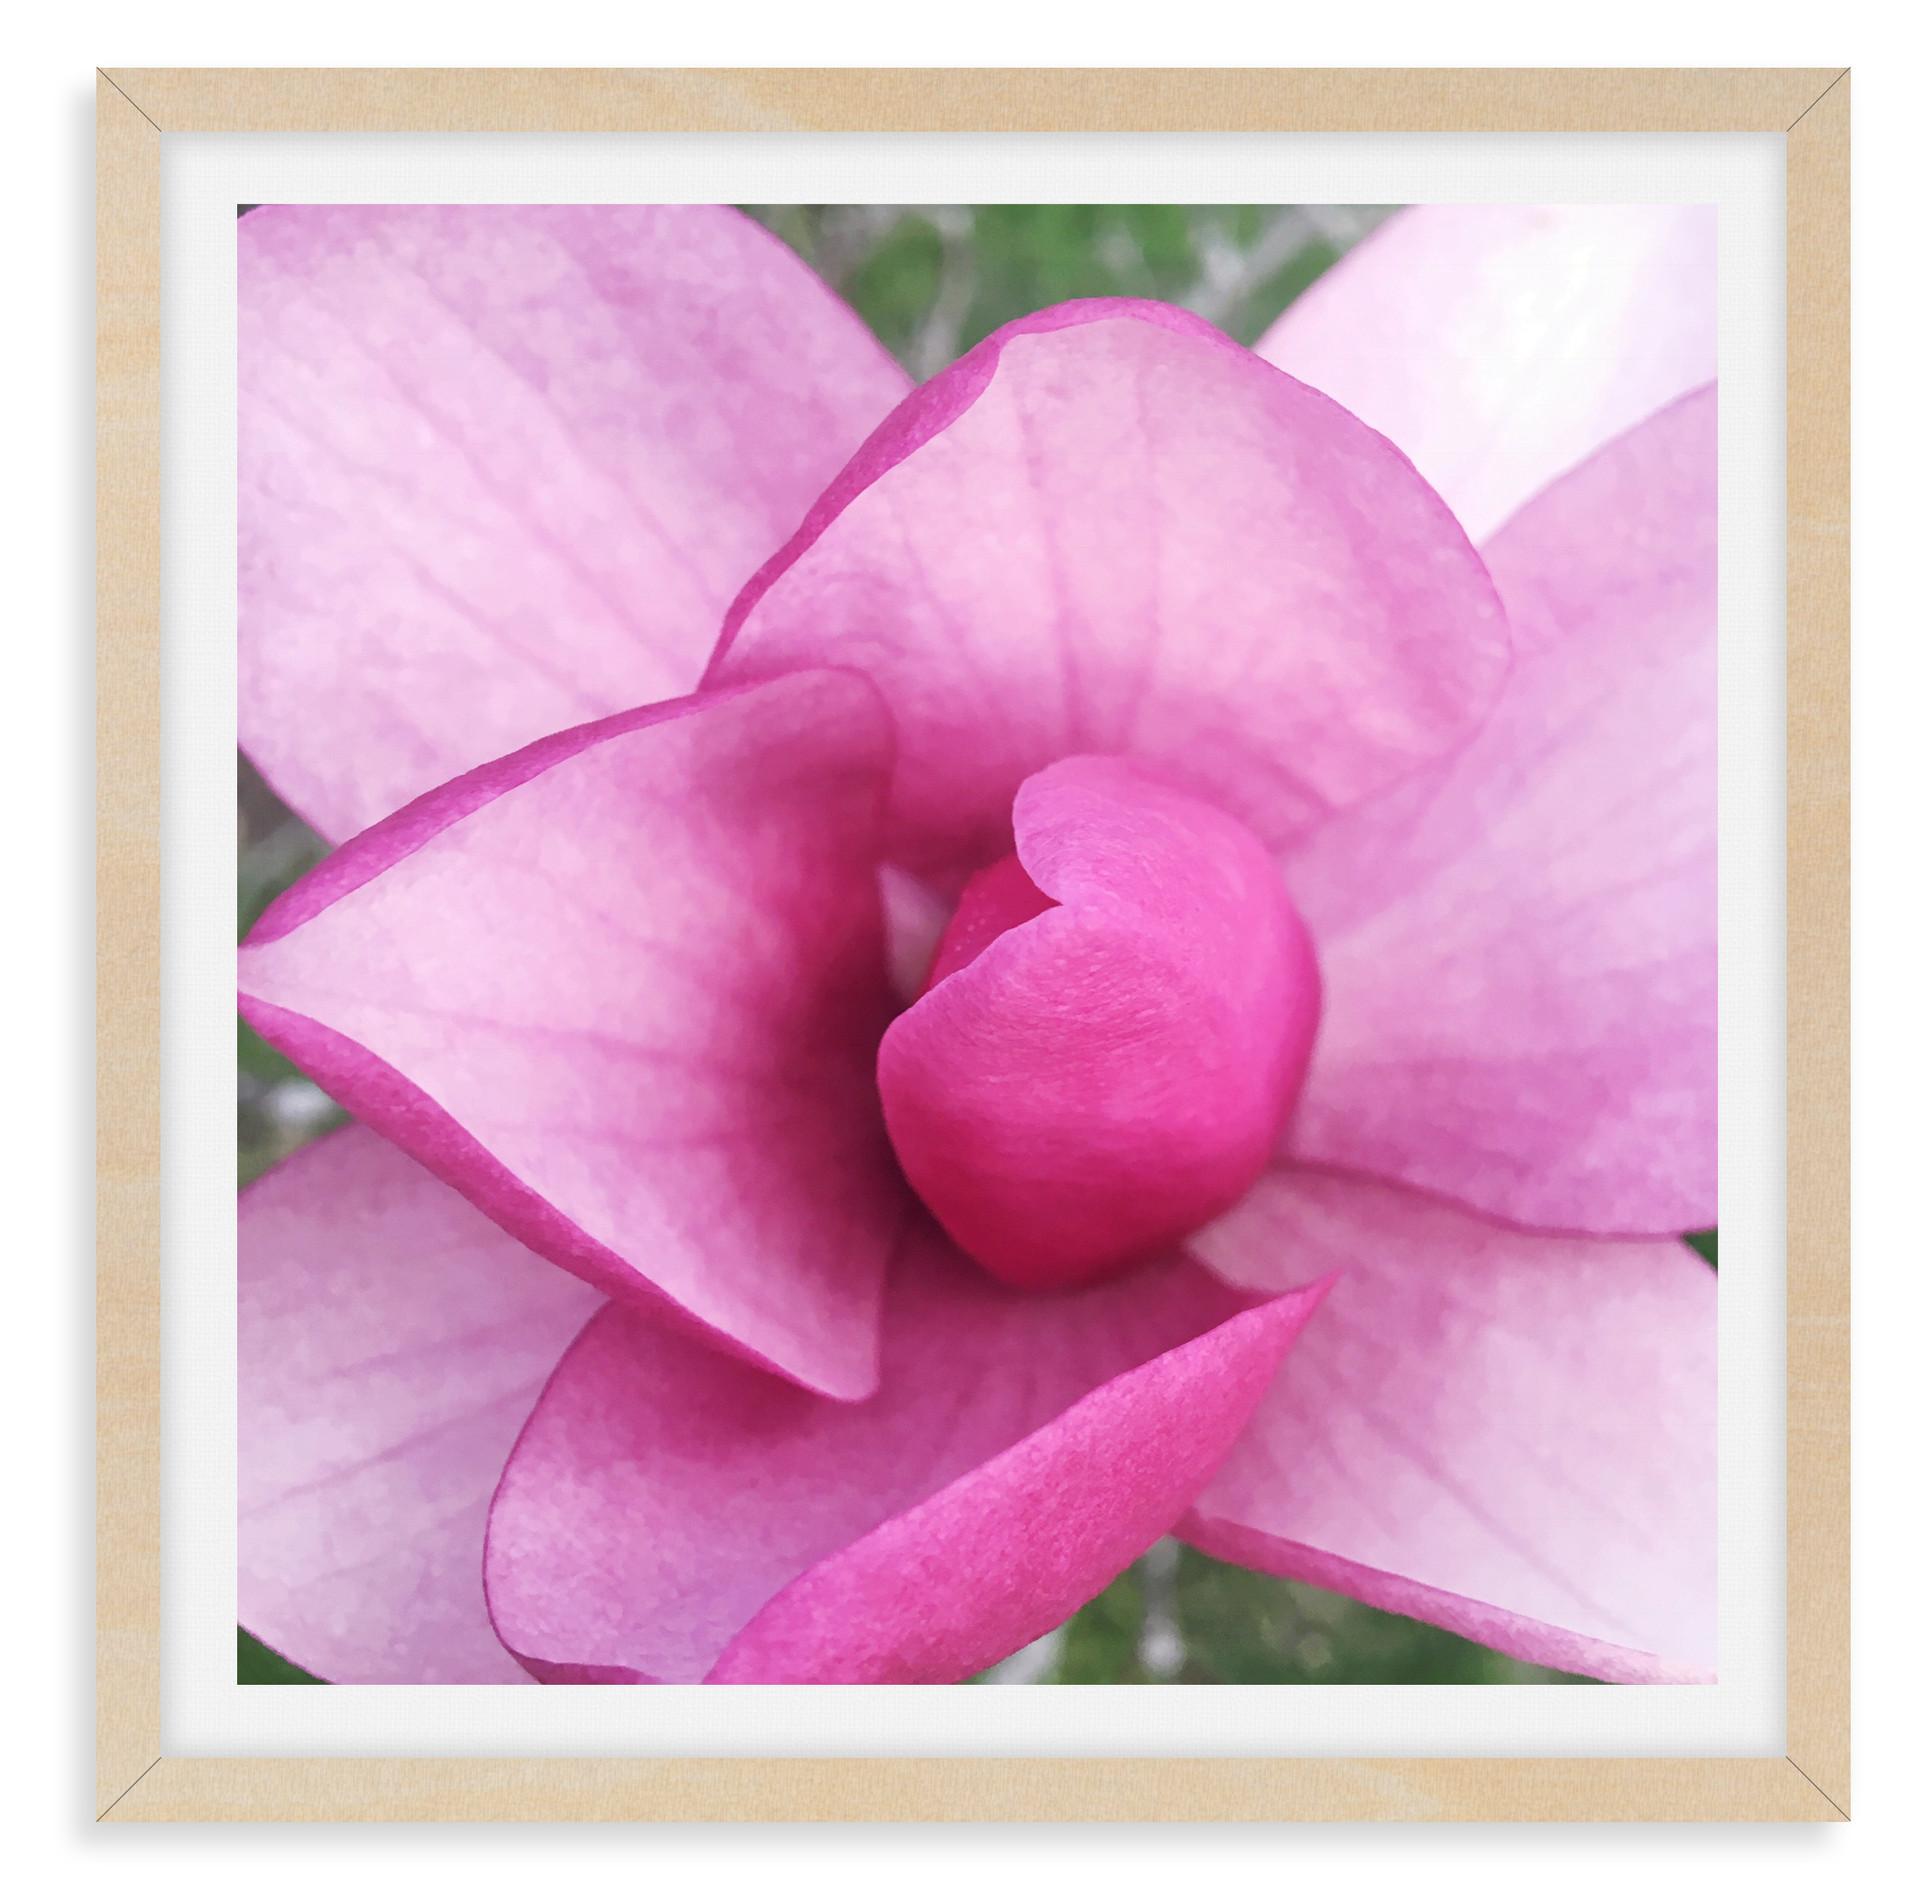 pink magnolia flower still life wall art